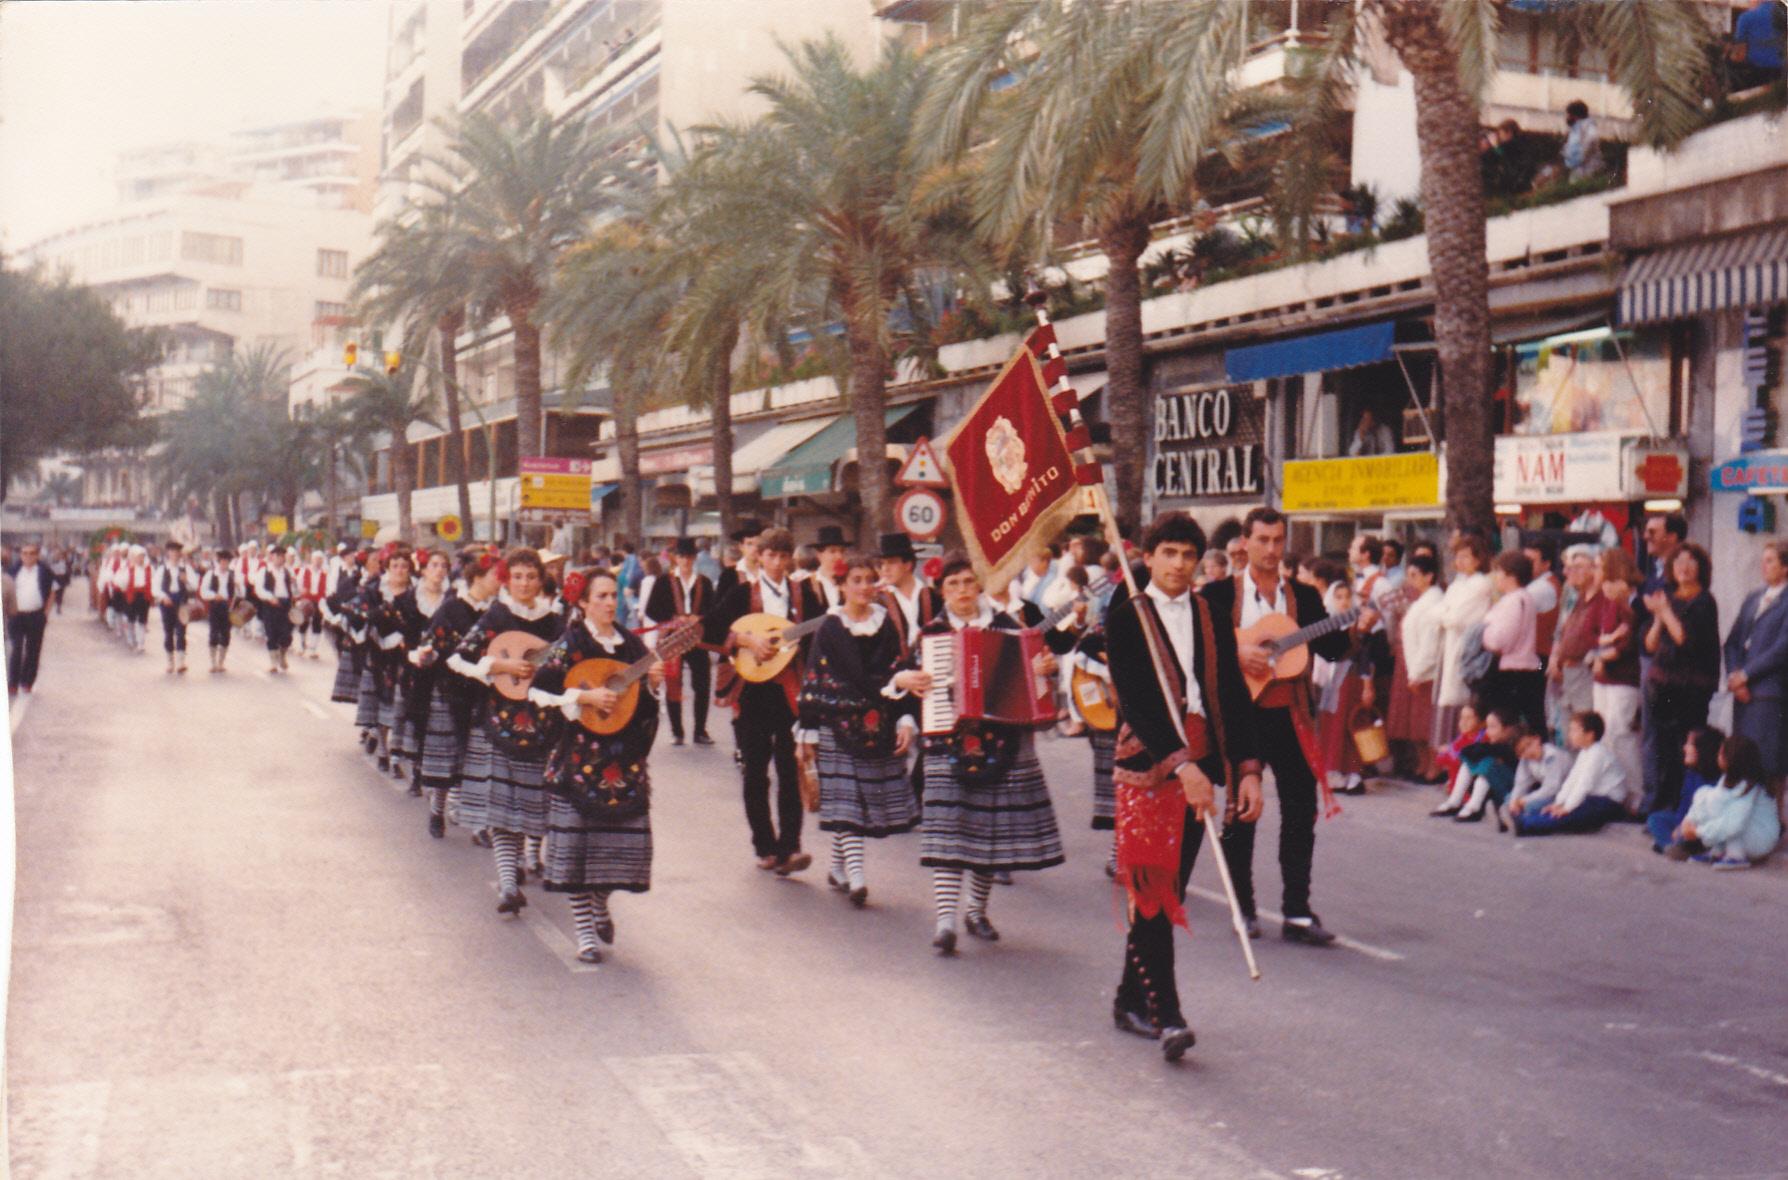 1987 - Palma de Mallorca